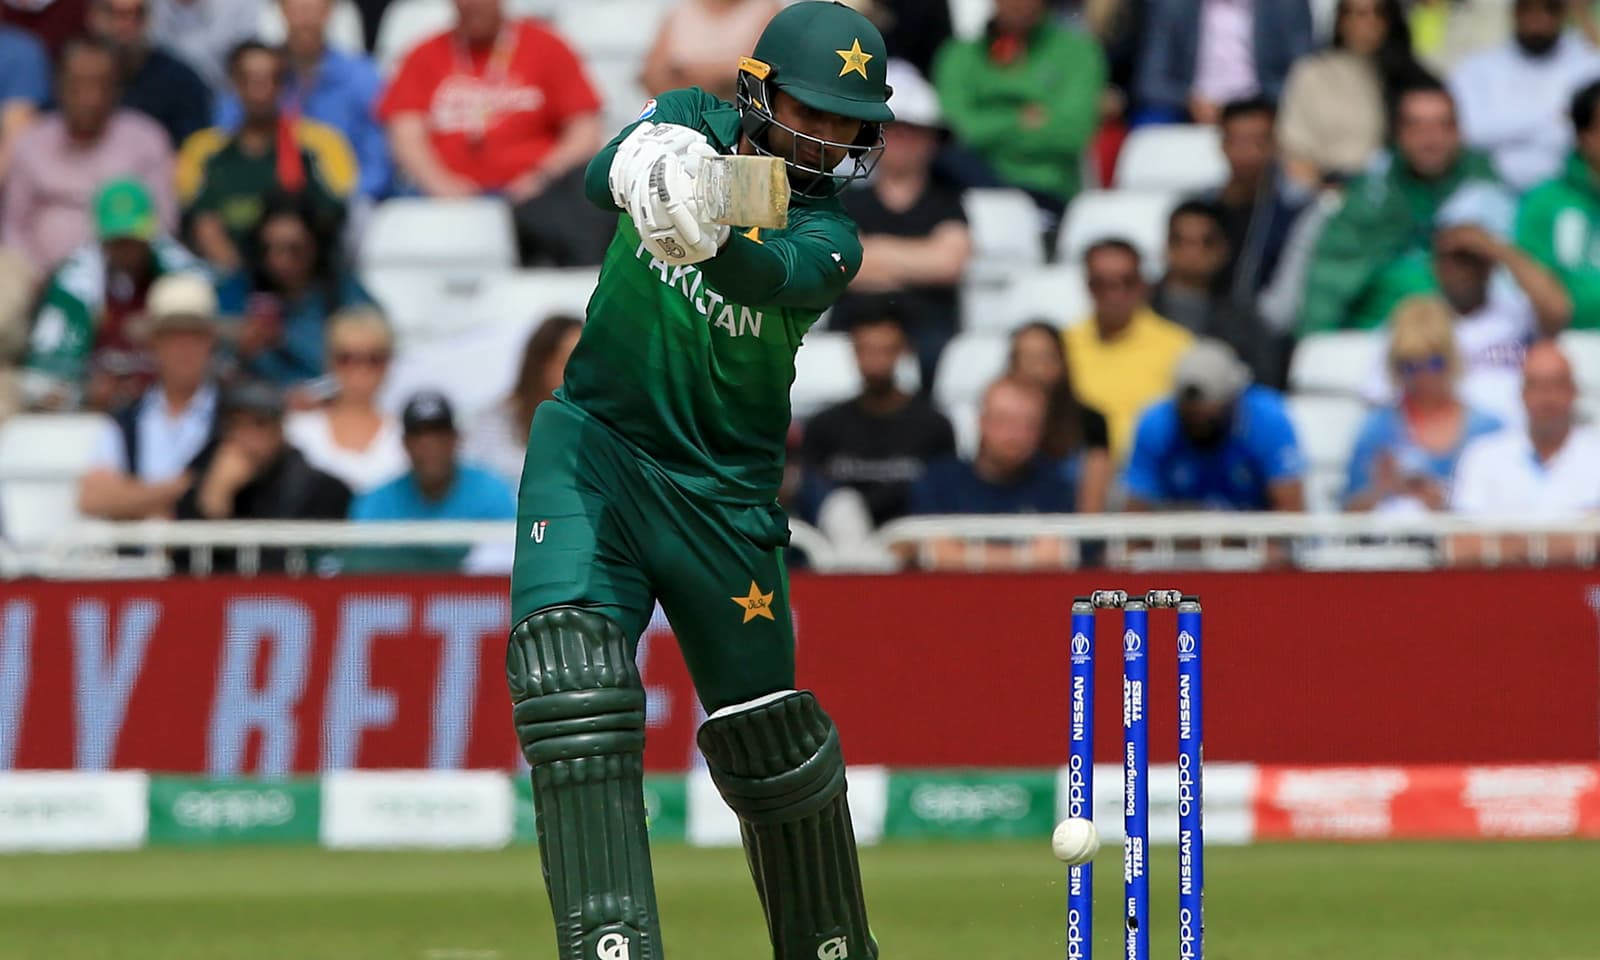 پاکستانی اوپنر فخر زمان جارحانہ شاٹ کھیلتے ہوئے — فوٹو: اے ایف پی